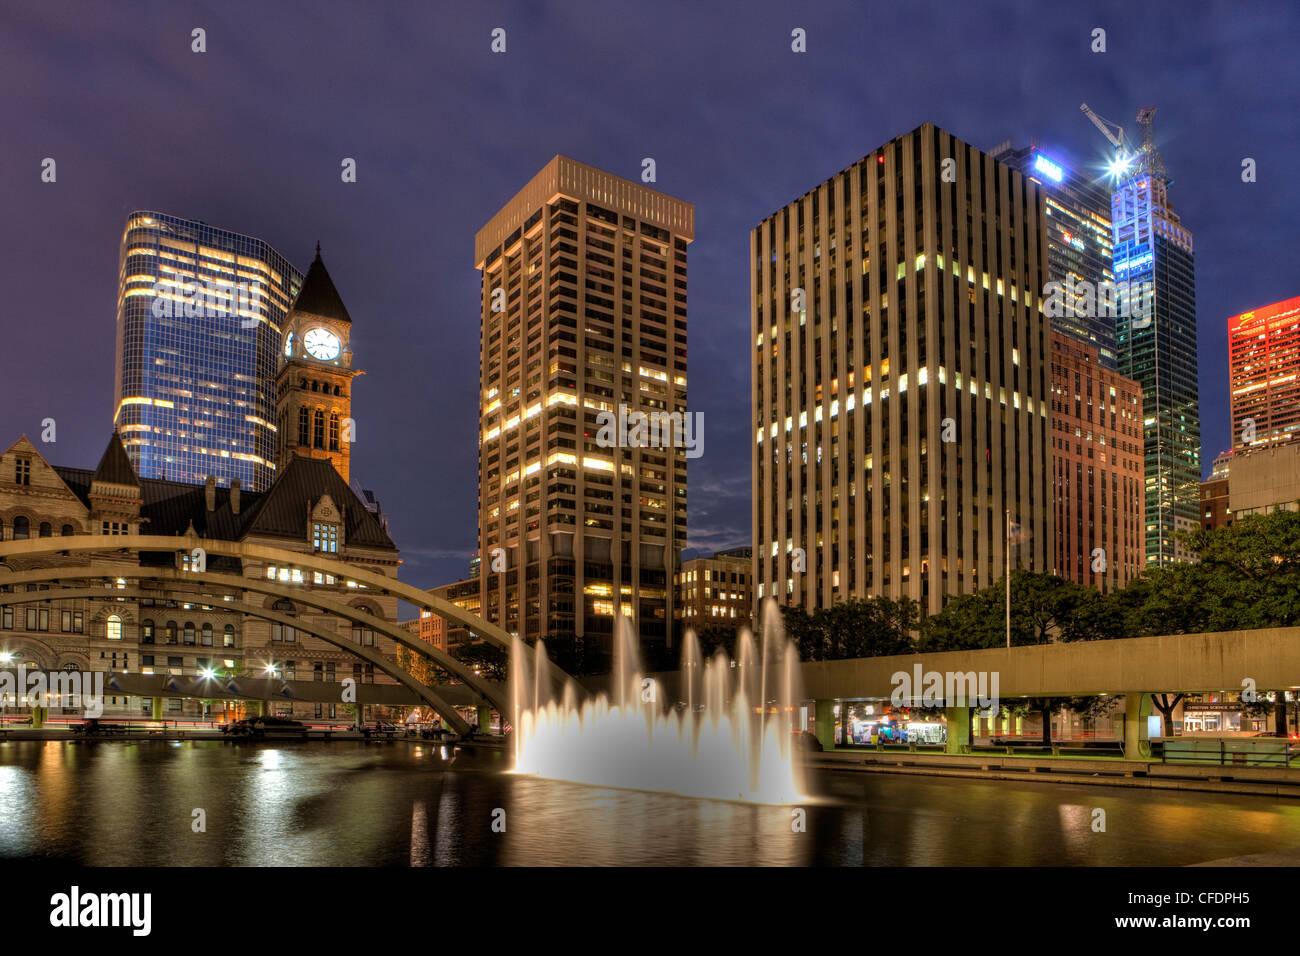 Nacht, altes Rathaus und Rathaus-Pool, die Innenstadt von Toronto, Ontario, Kanada Stockbild